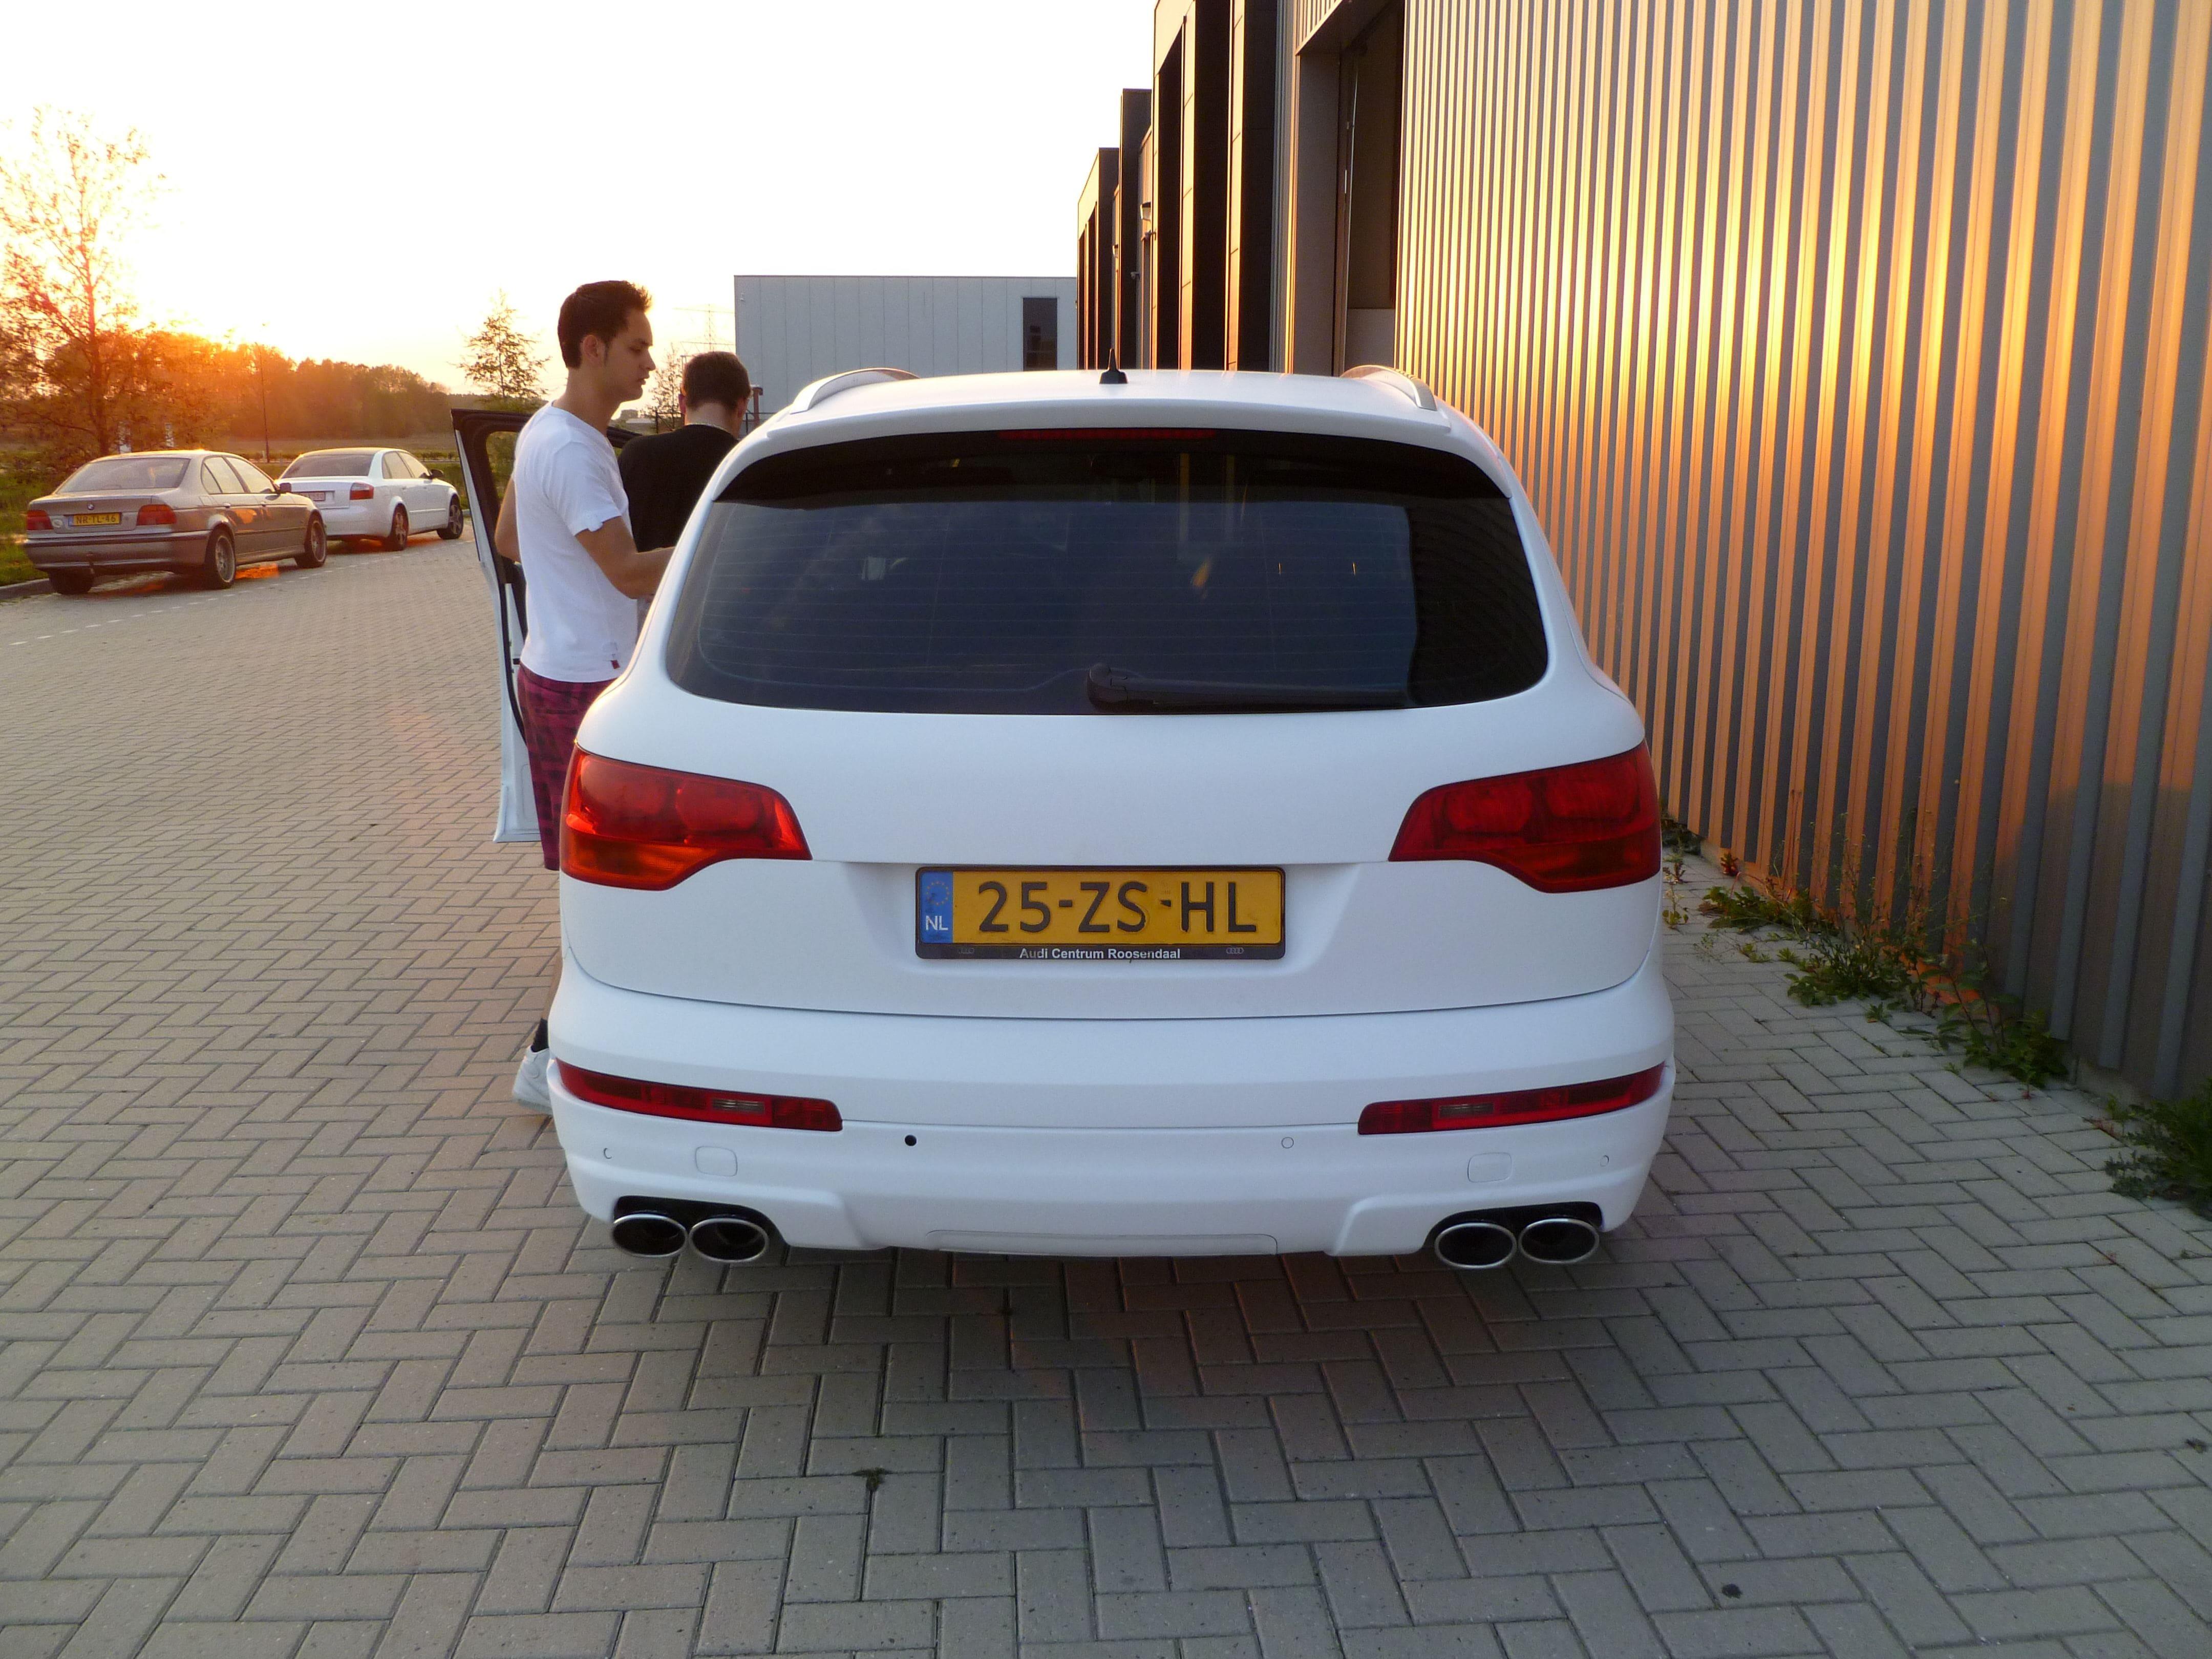 Audi Q7 met Mat Witte Wrap, Carwrapping door Wrapmyride.nu Foto-nr:5034, ©2021